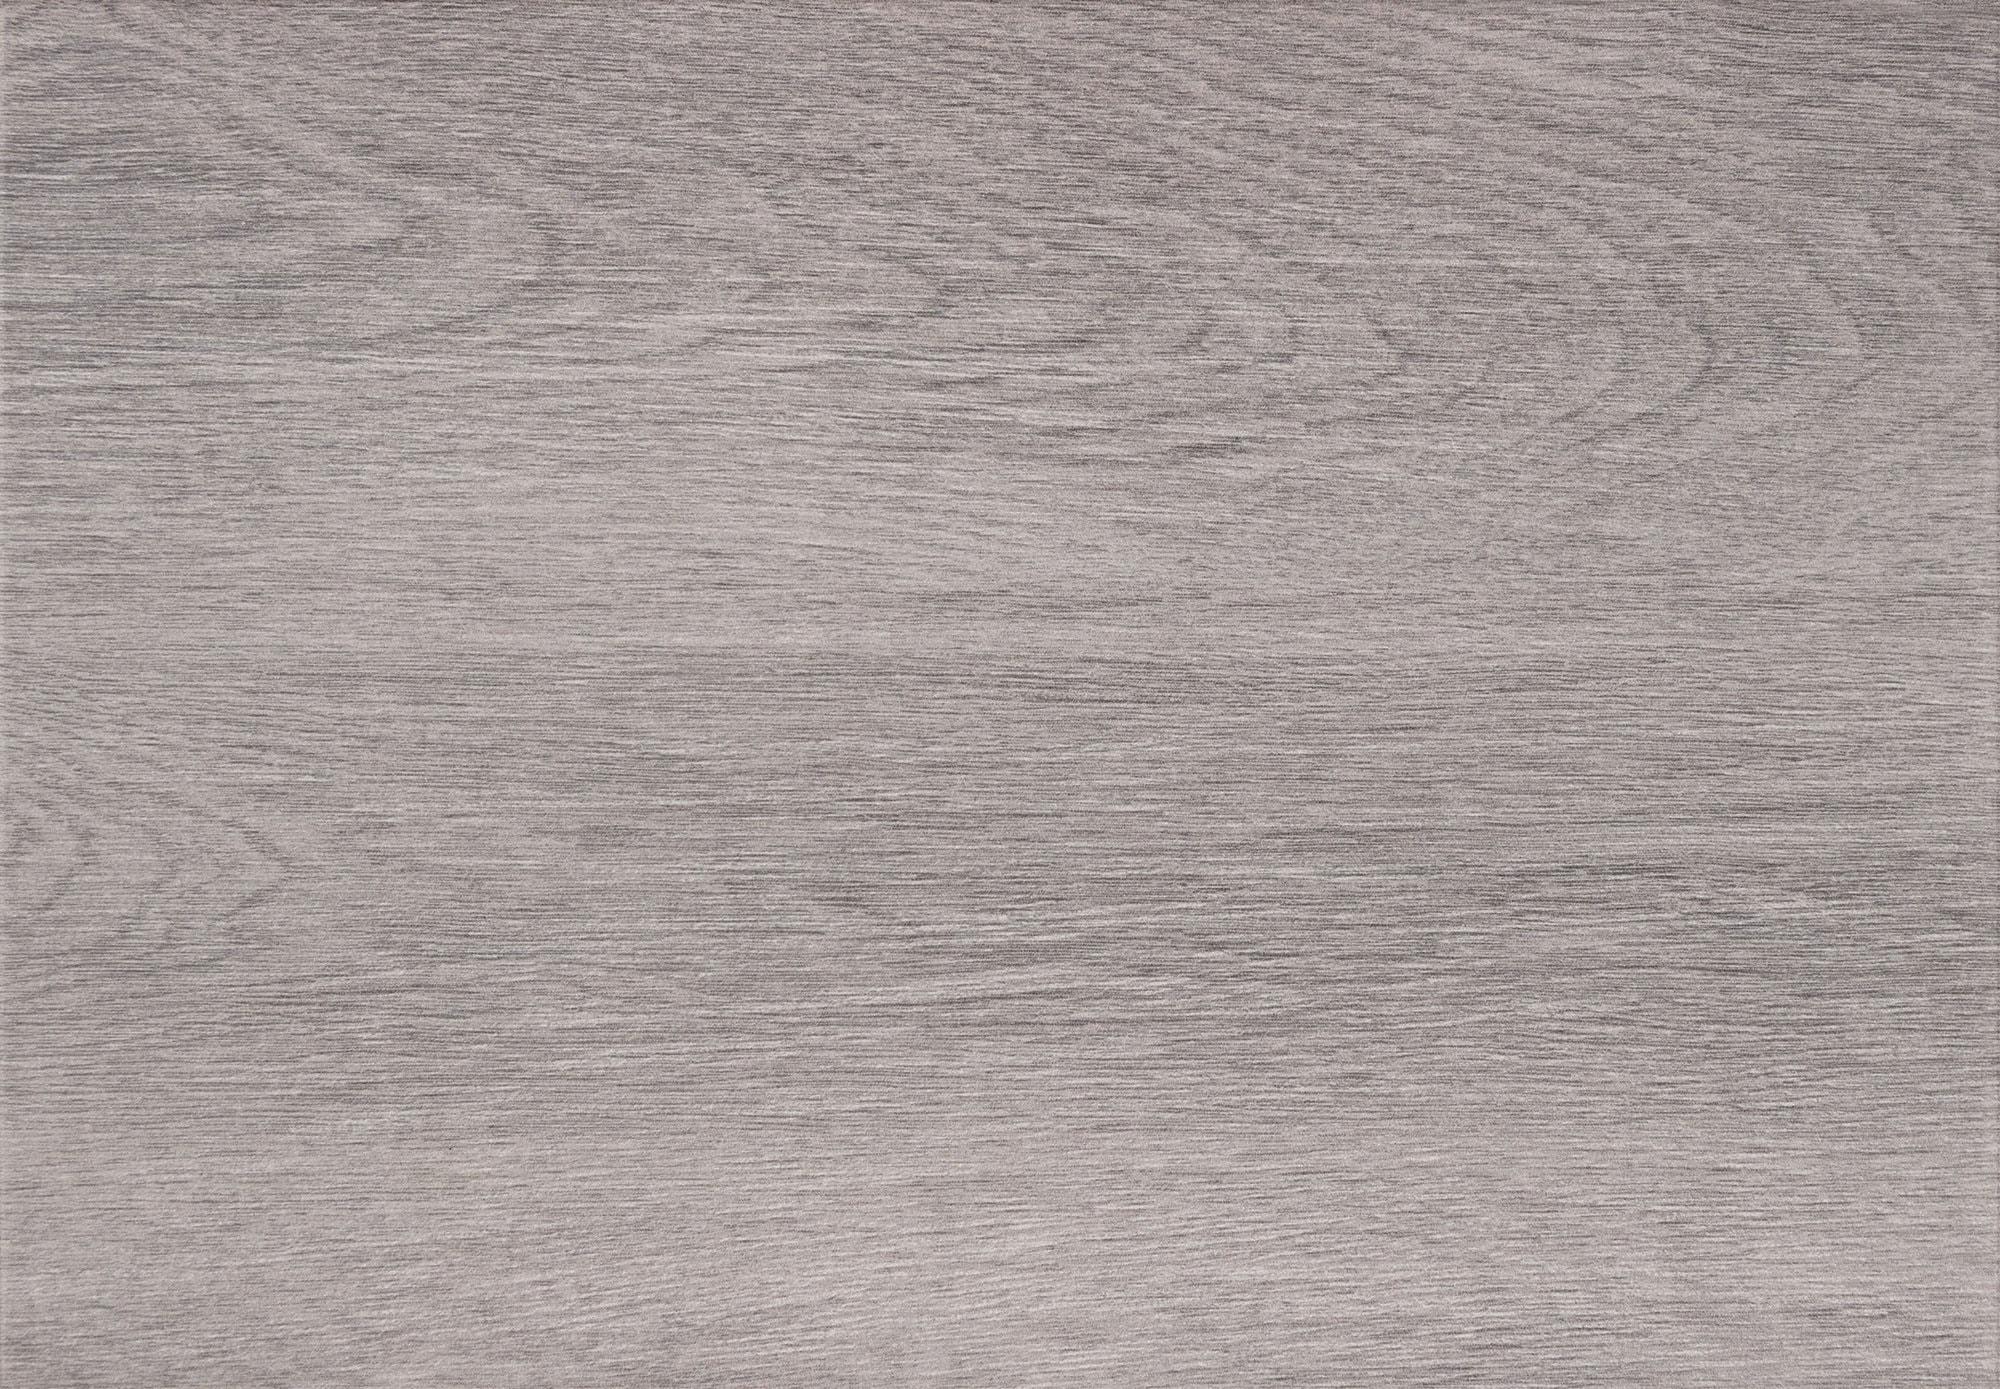 Płytka ścienna Domino Inverno Grey 25x36cm domInvGre25x36